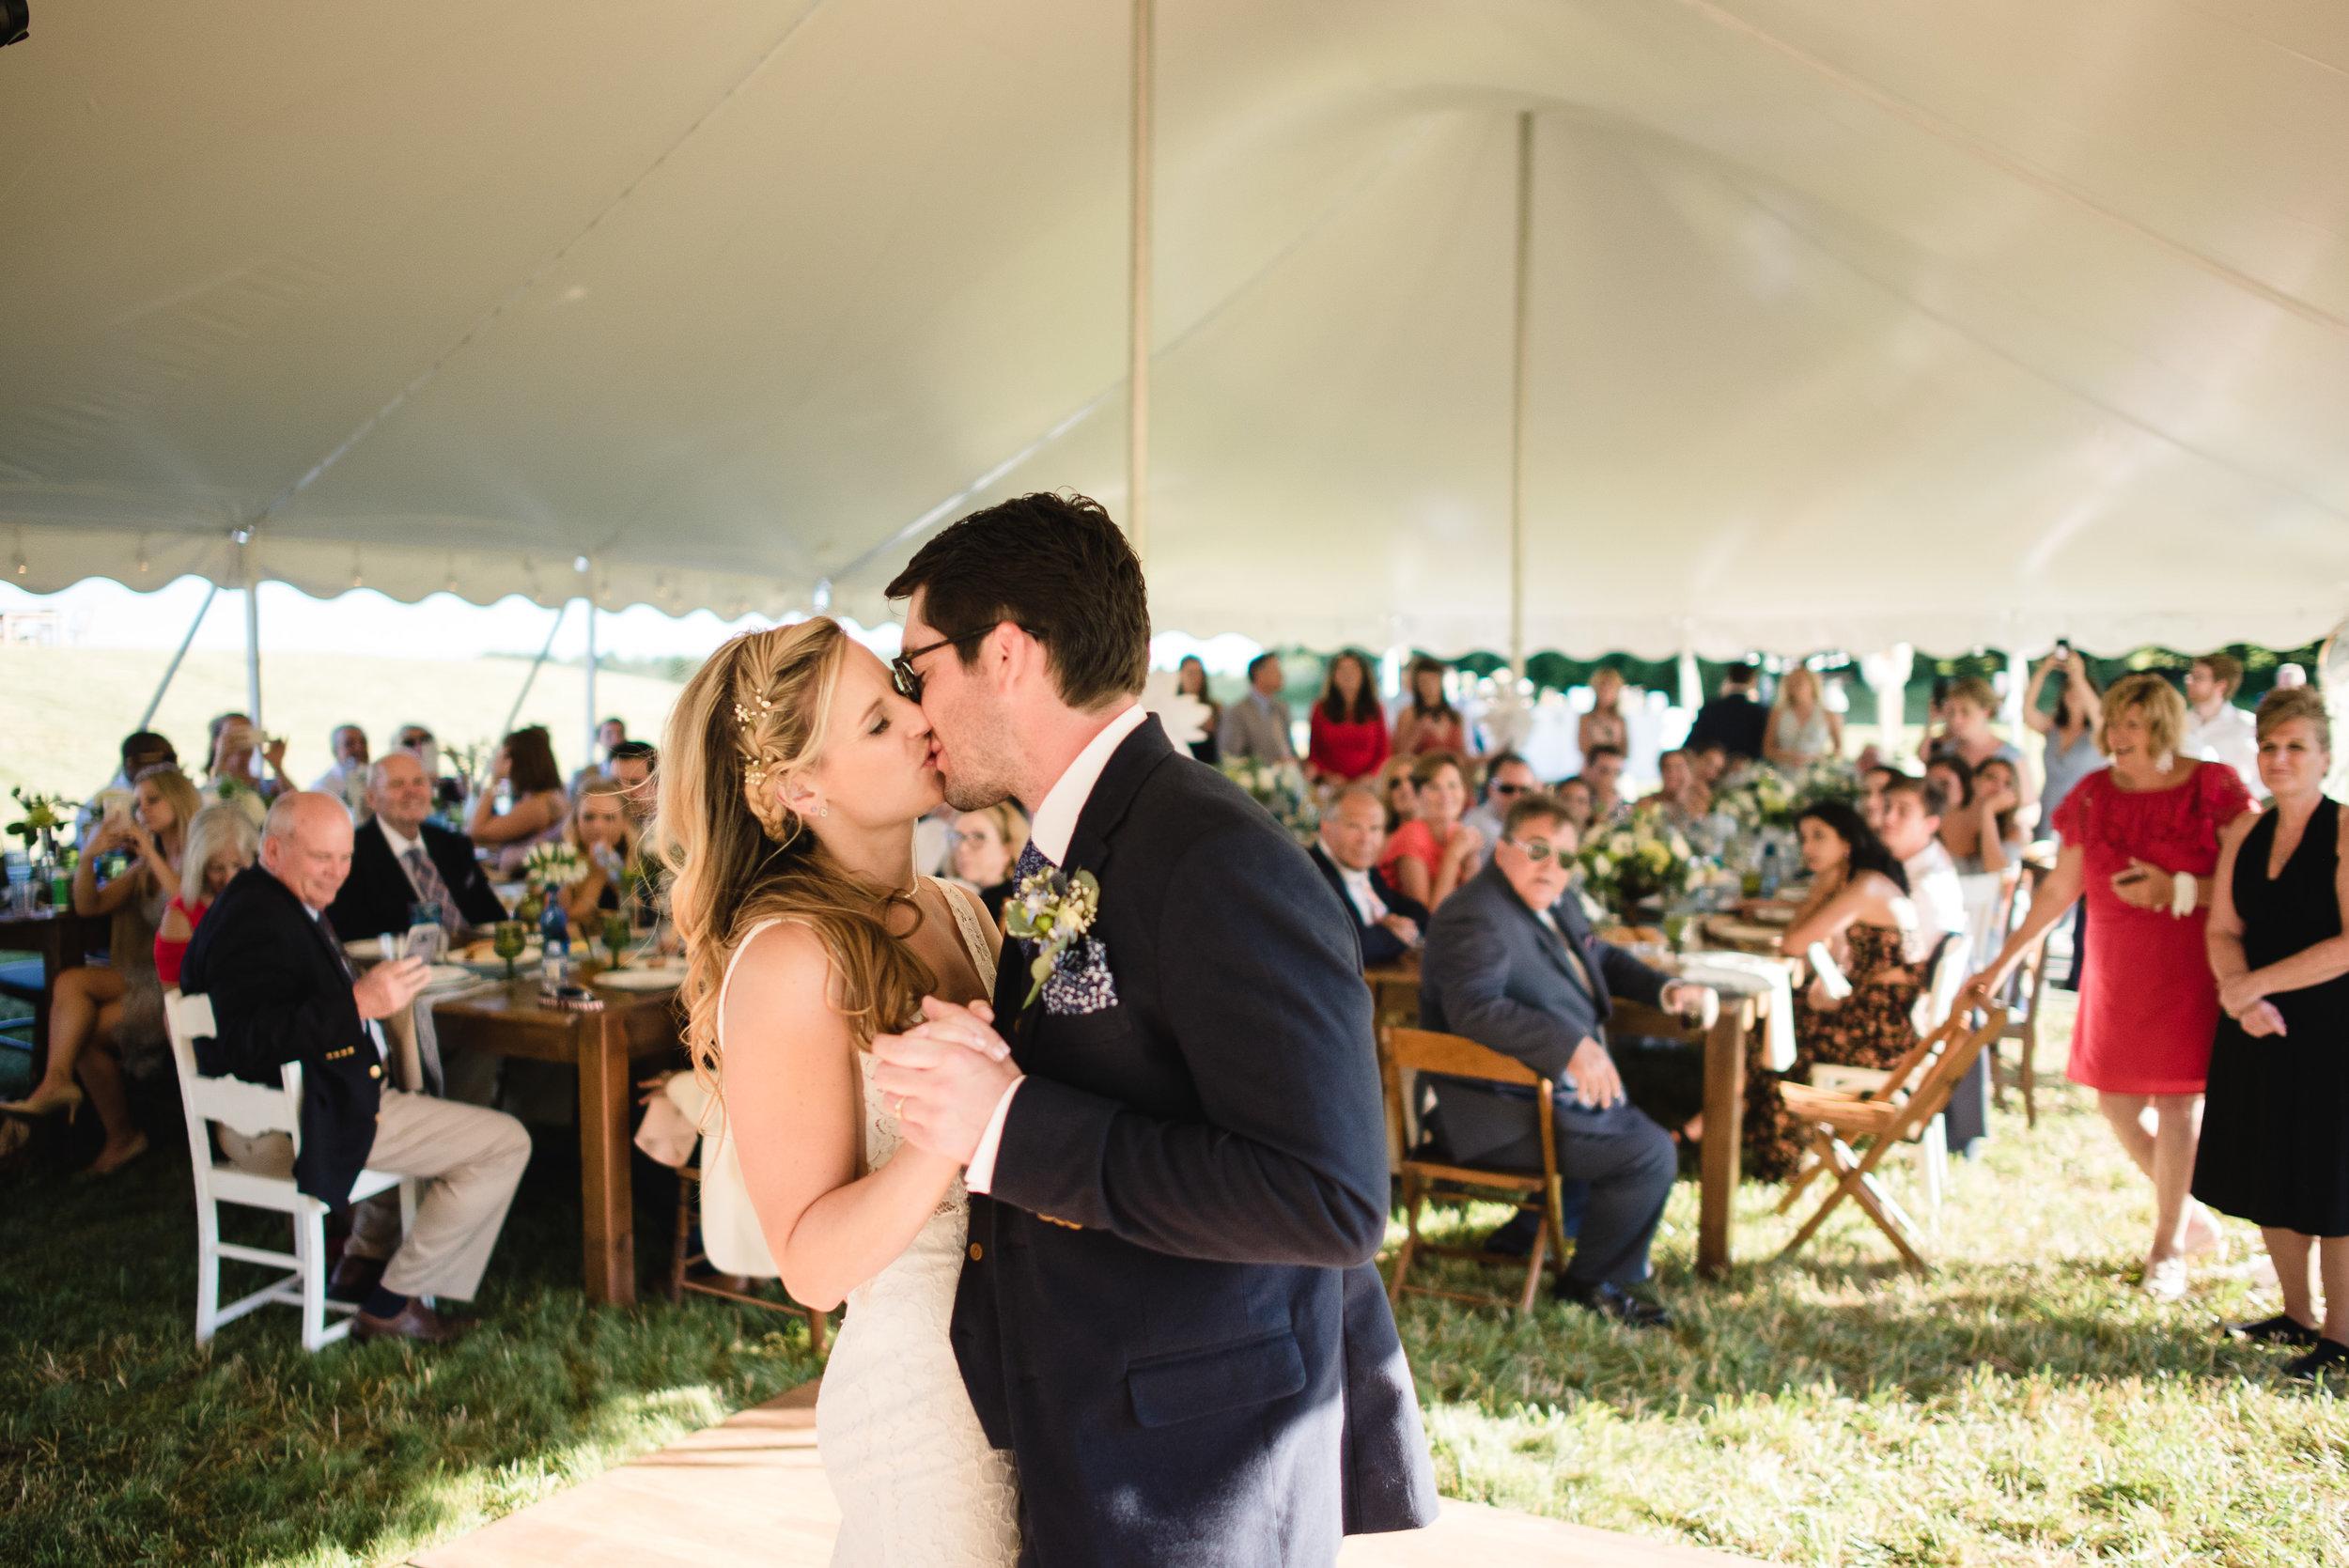 LINDSAY_WEDDING_BORN_TO_RUN_FARM_3232.jpg